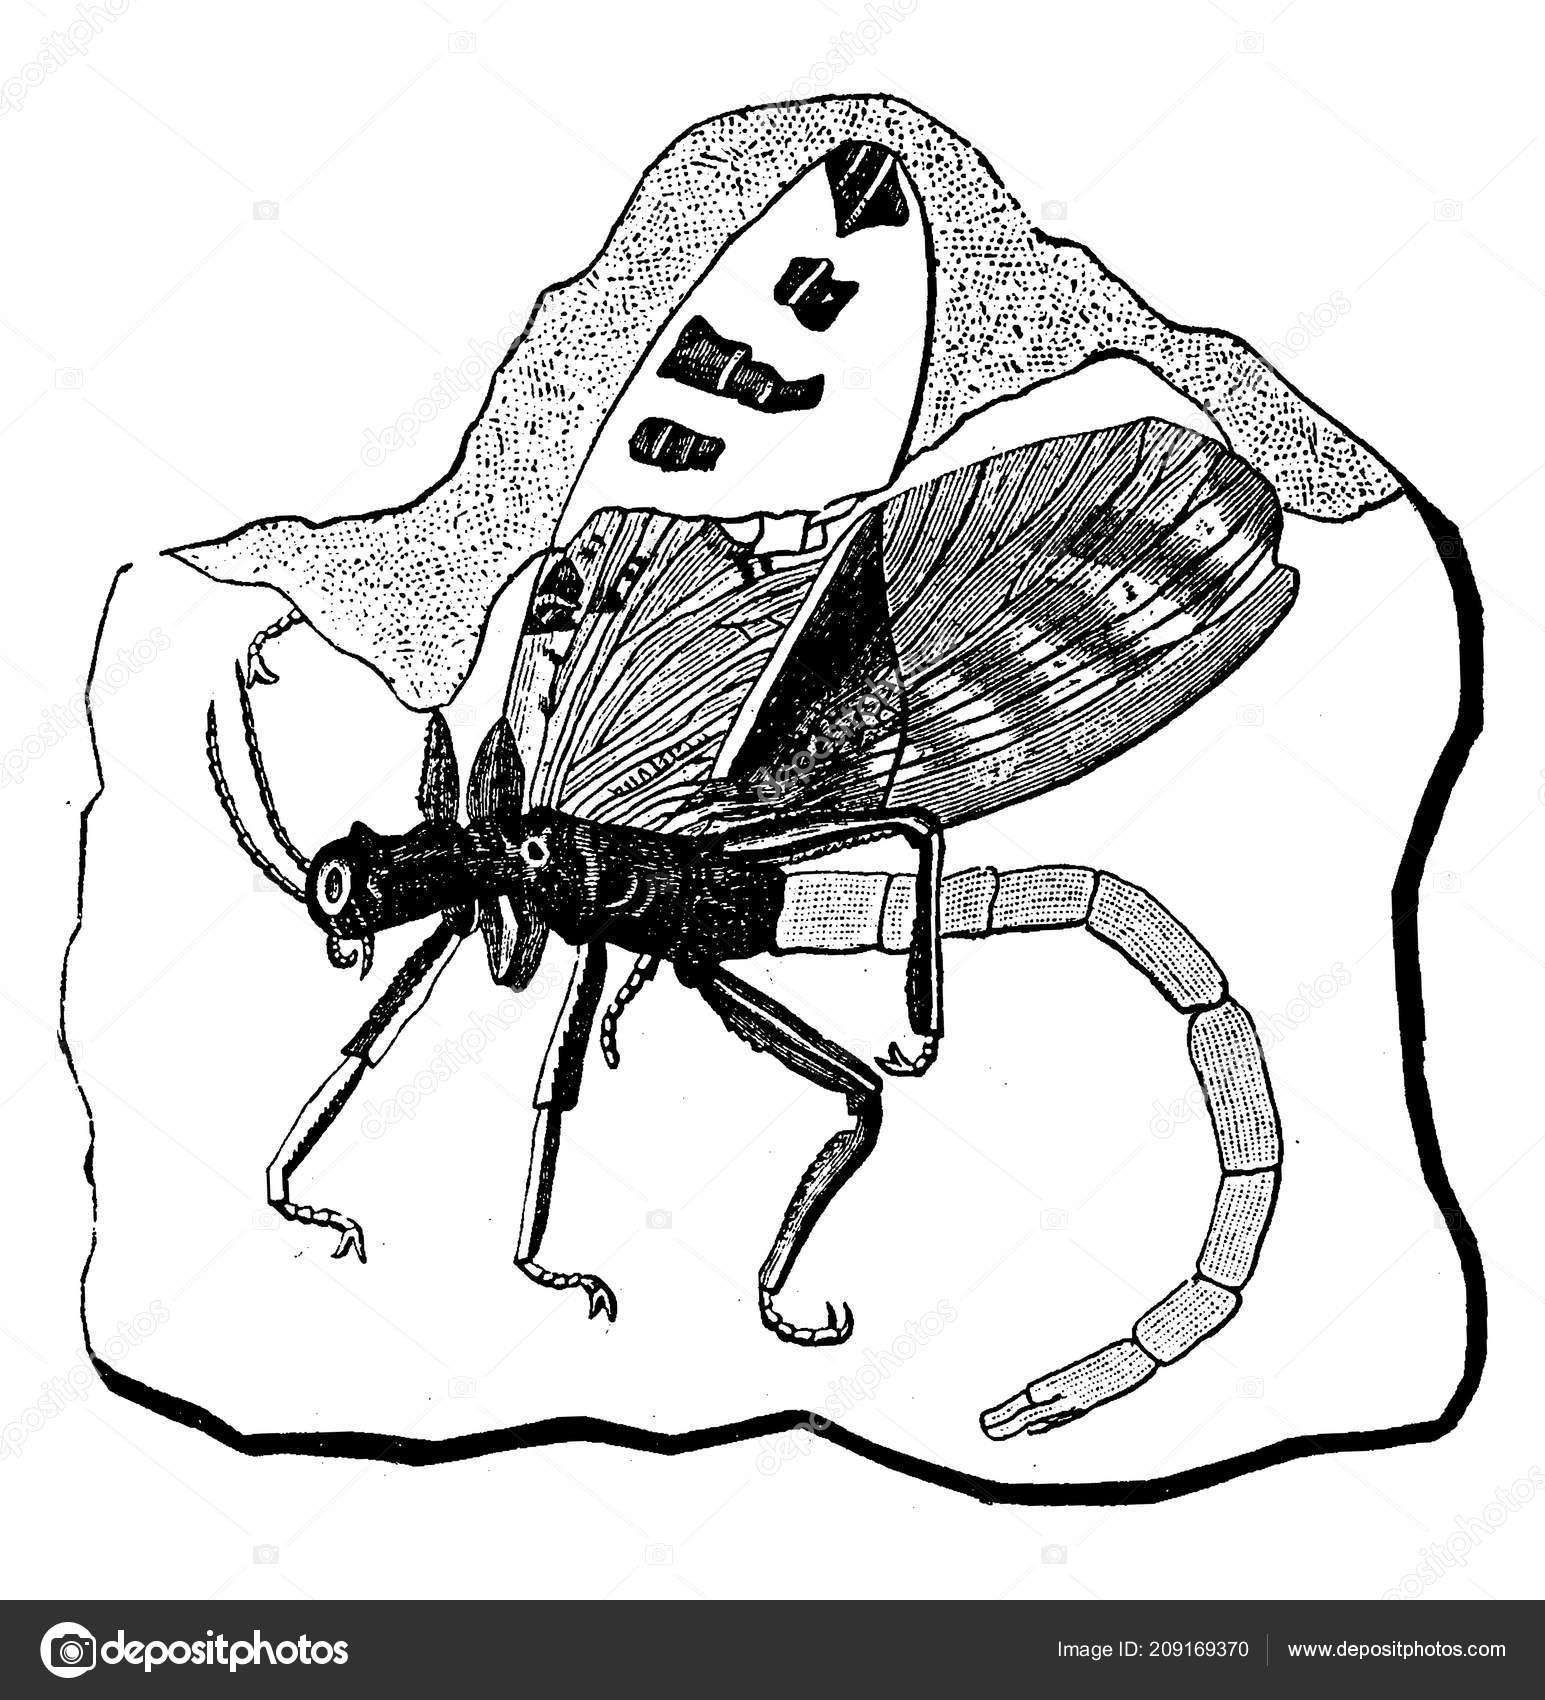 Vrstevní sled uzavírají tzv. březinské břidlice, které náleží podle trilobitové fauny prokazatelně již spodnímu karbonu.